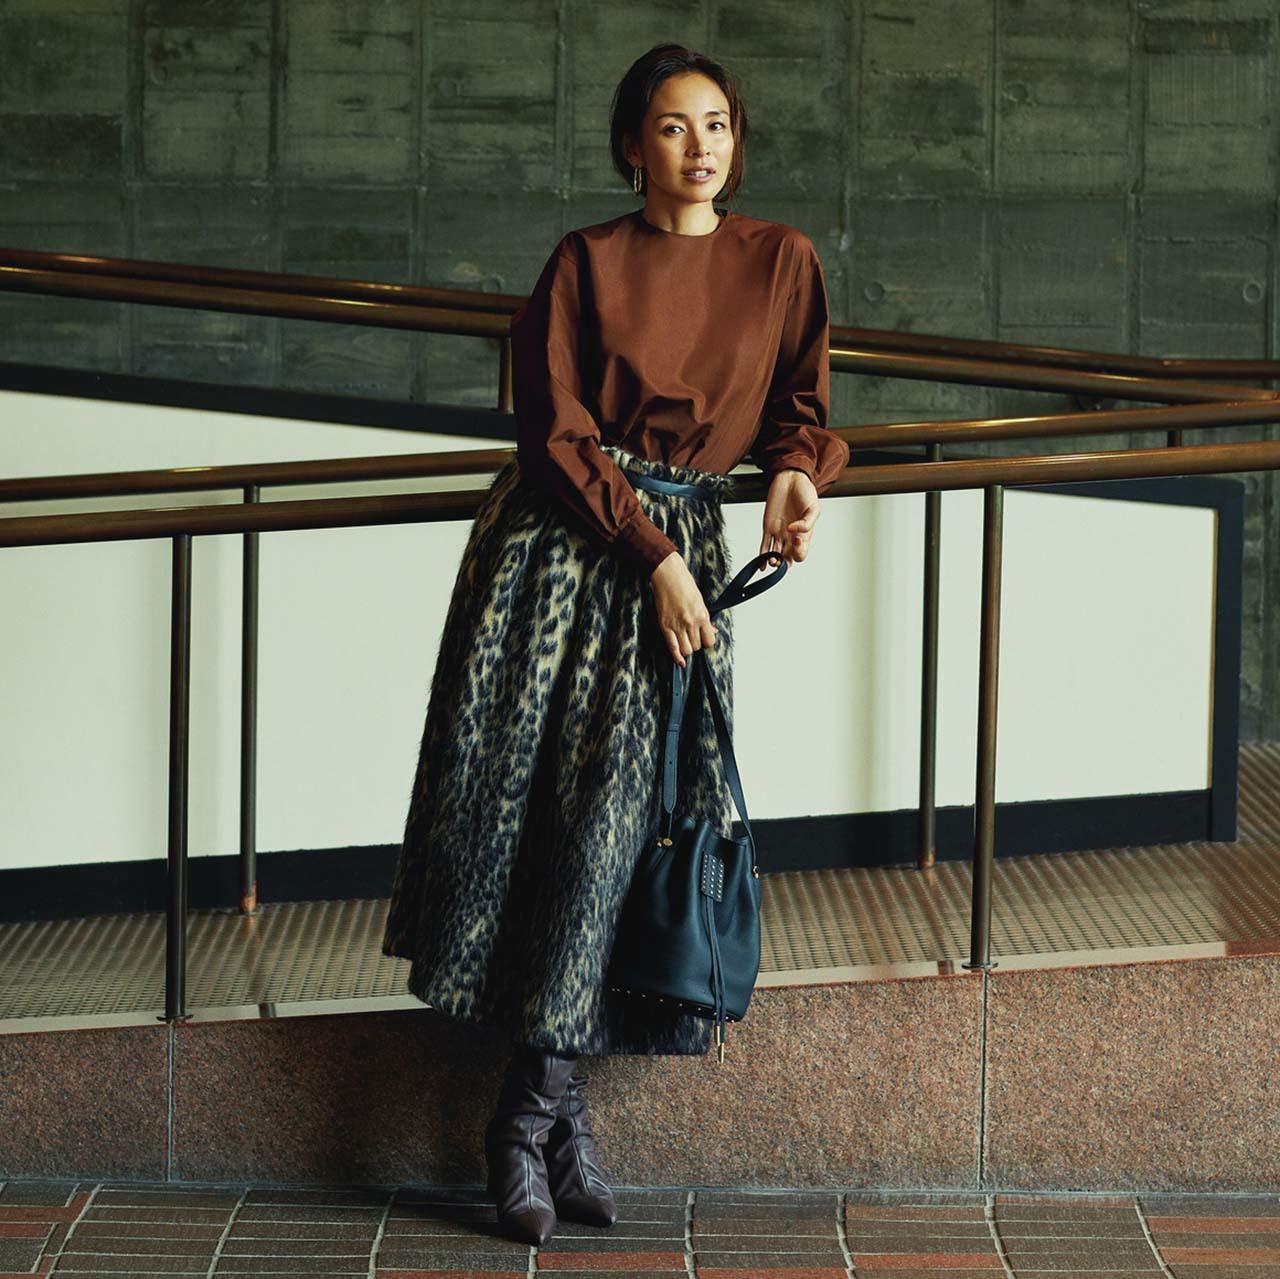 ブラウンのブラウス×レオパード柄のシャギースカートコーデを着たモデルのSHIHOさん